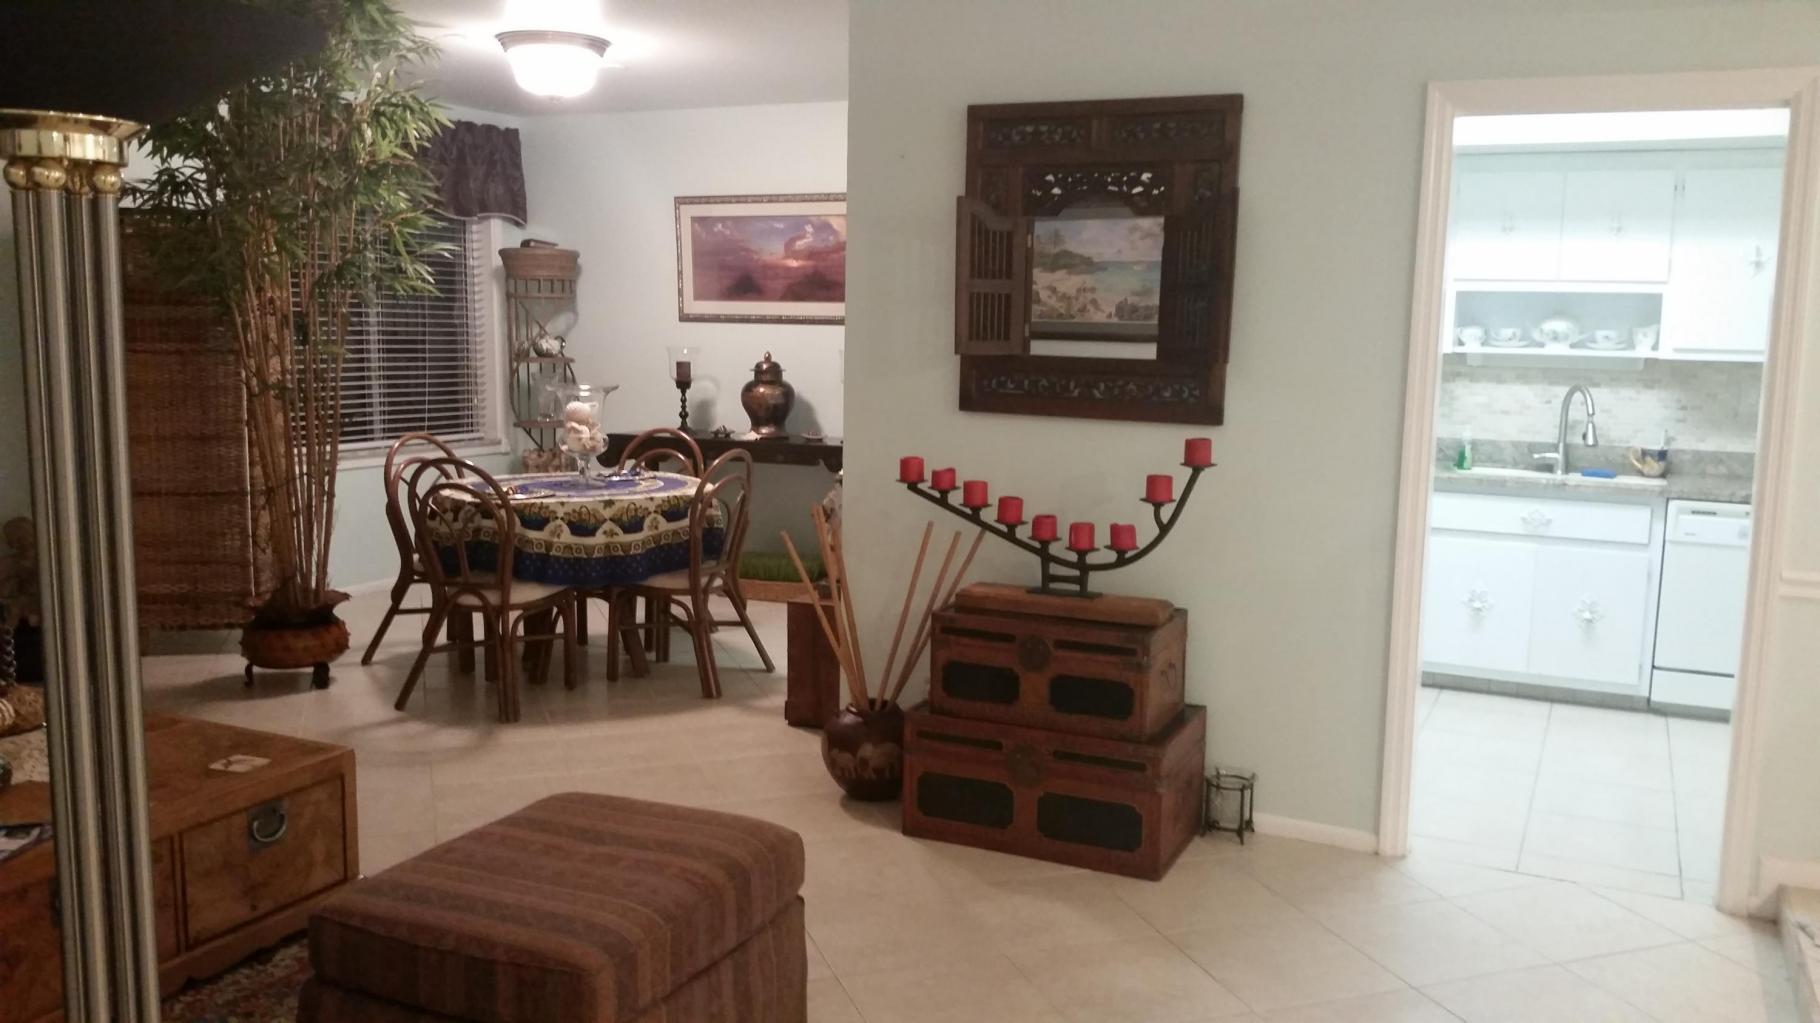 11811 Aven Pga, Palm Beach Gardens, Florida 33418, 2 Bedrooms Bedrooms, ,1 BathroomBathrooms,Rental,For Rent,Aven Pga,RX-10618394